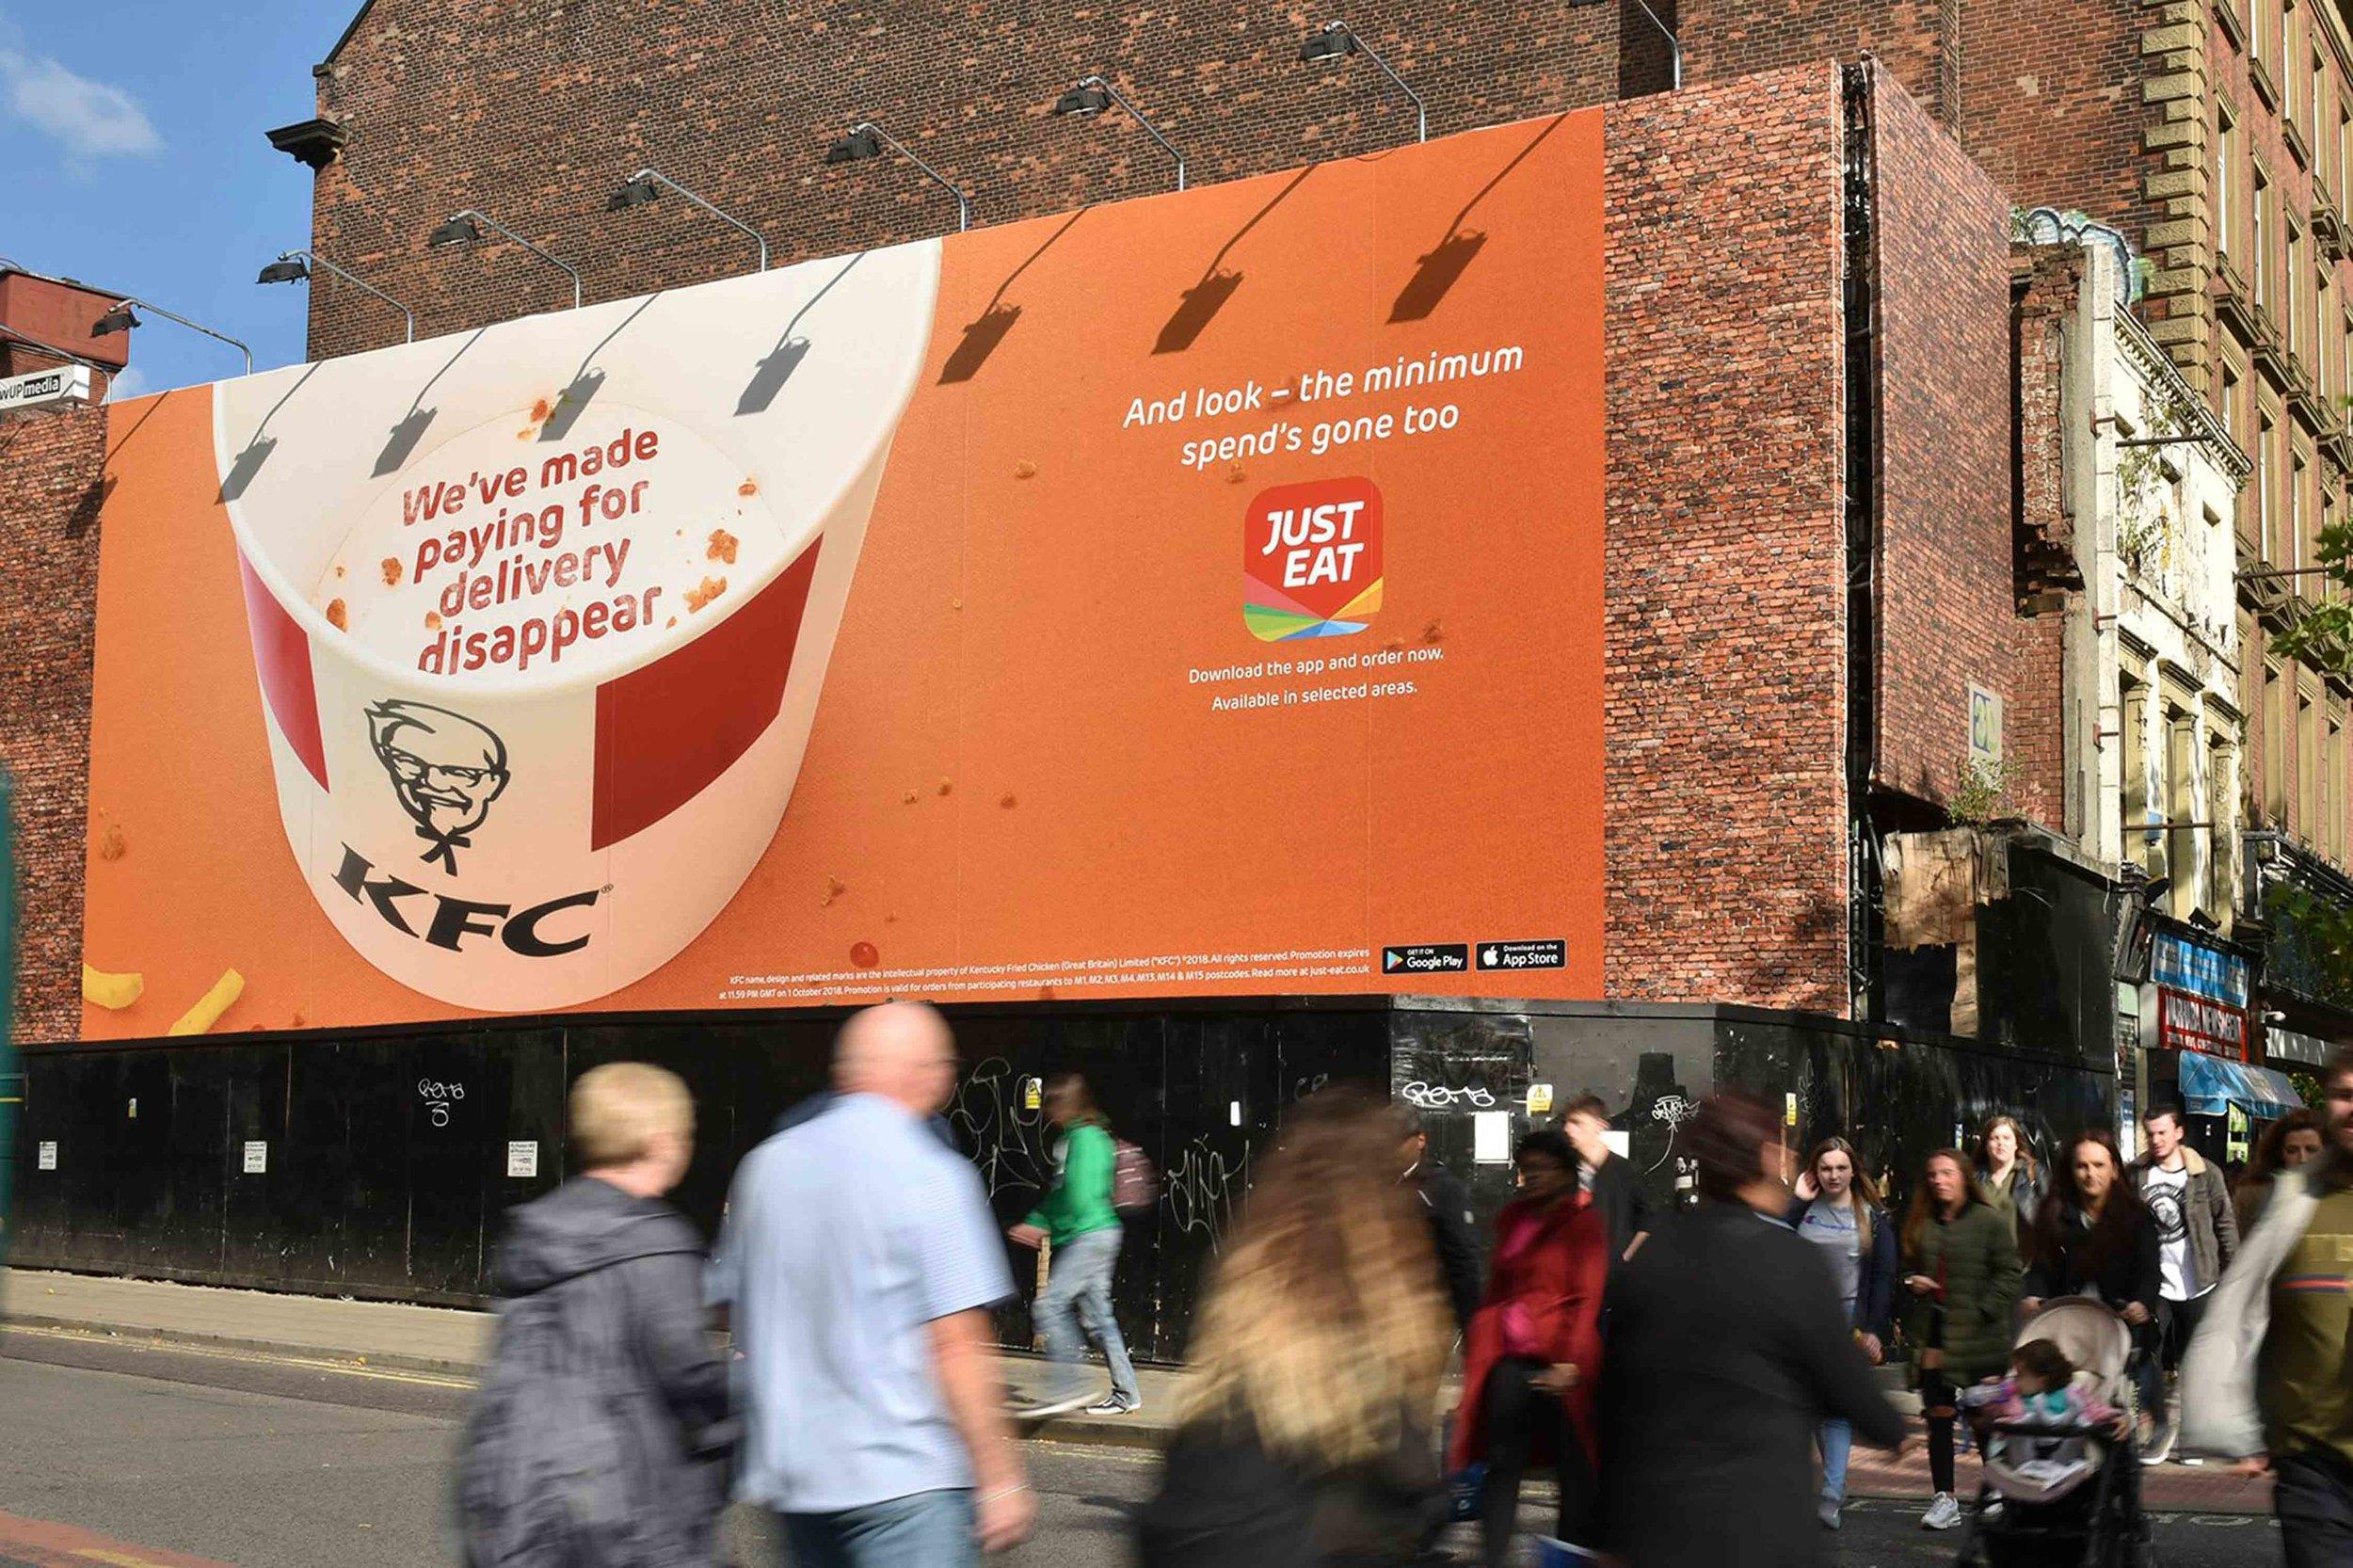 JustEat-KFC-web.jpg